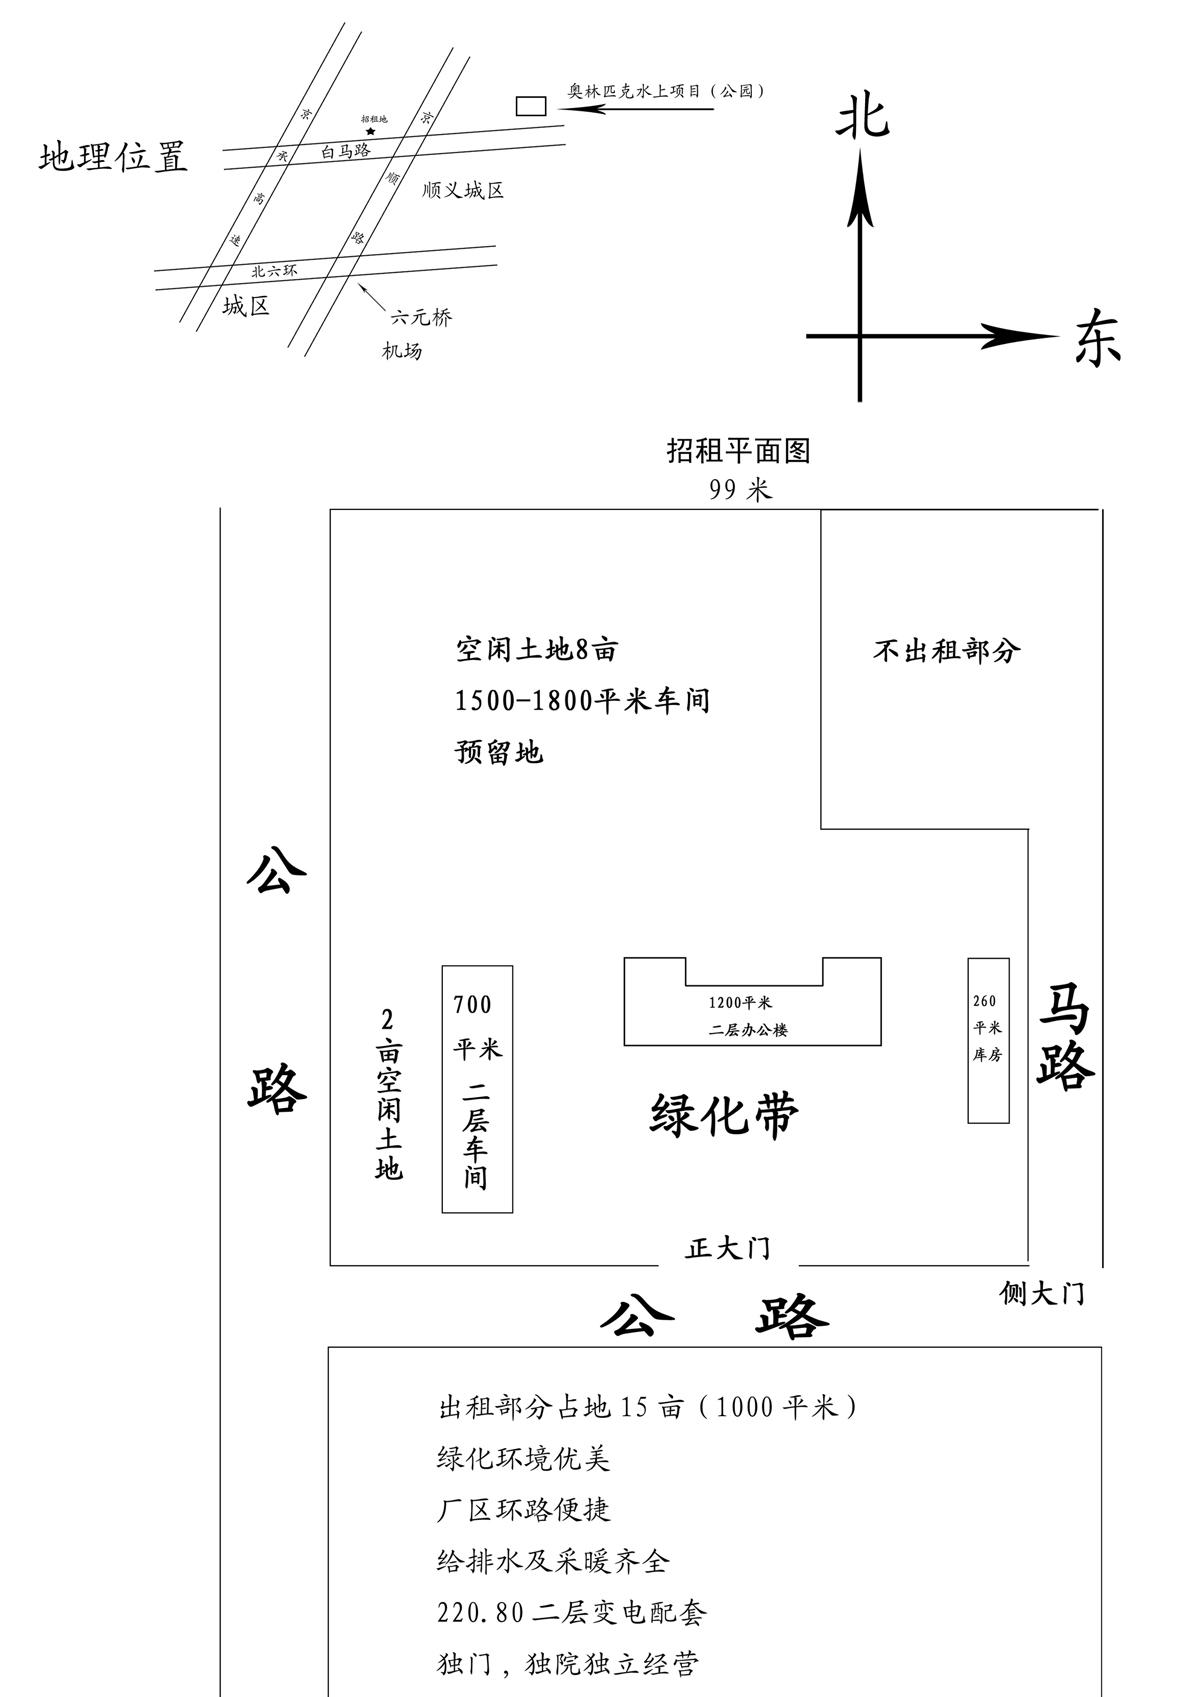 楼房电路线路图